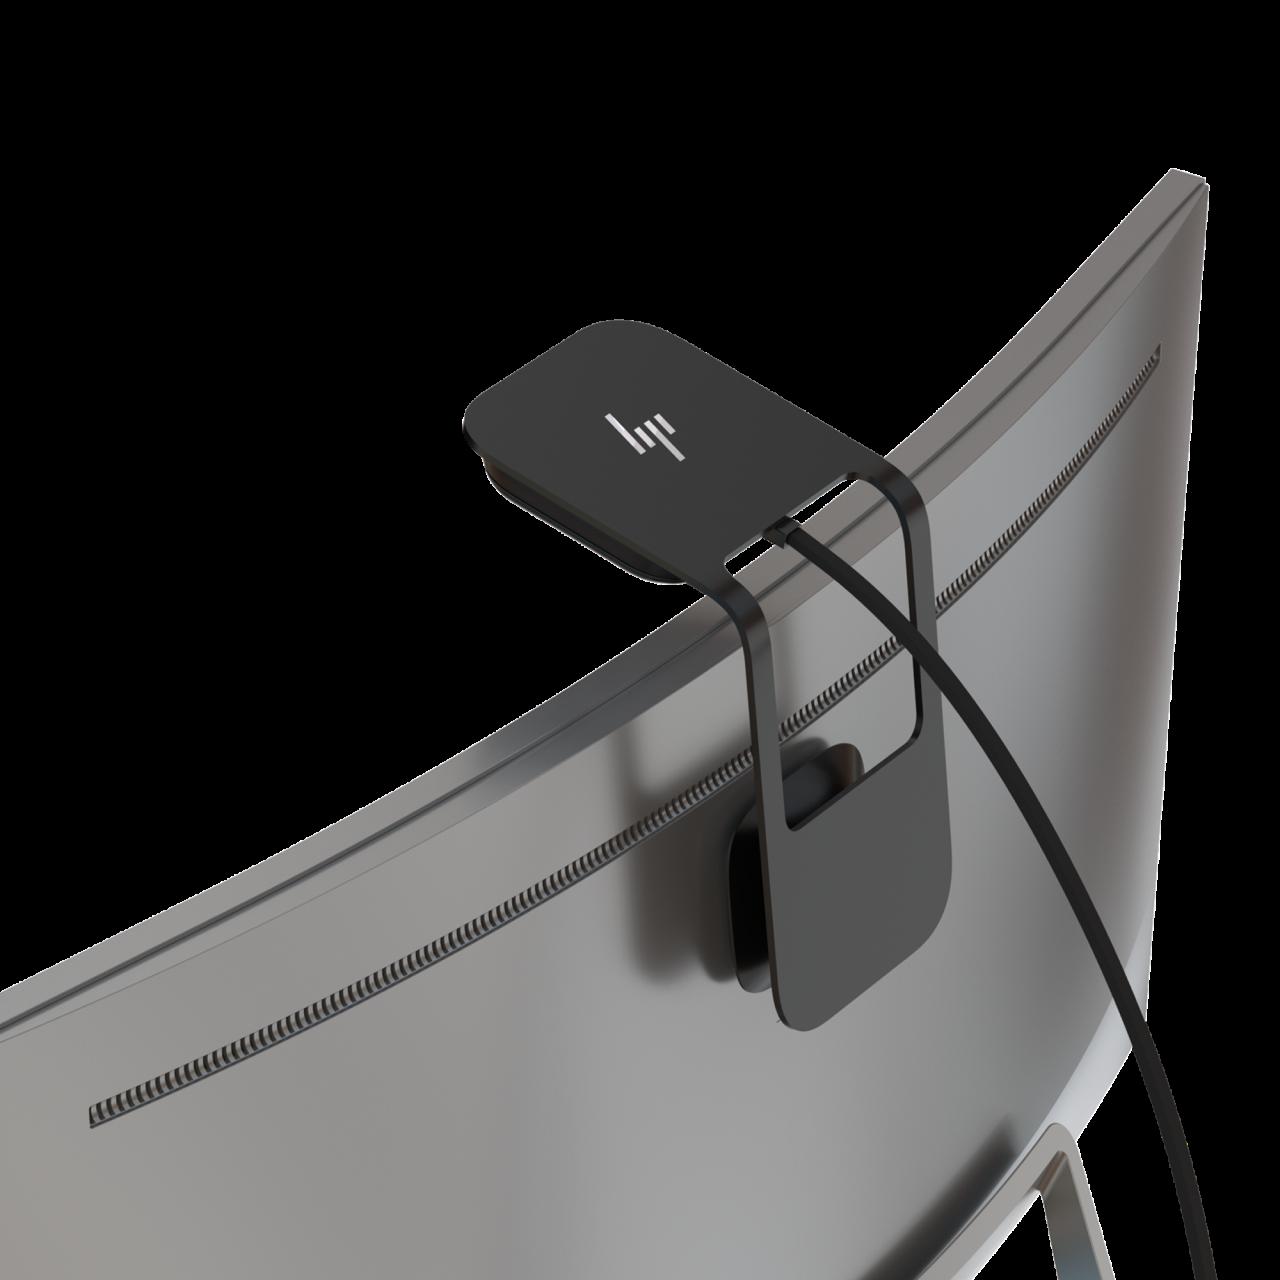 HP ha fatto uno scanner 3D universale! E anche dei monitor IPS su cui montarli (foto)